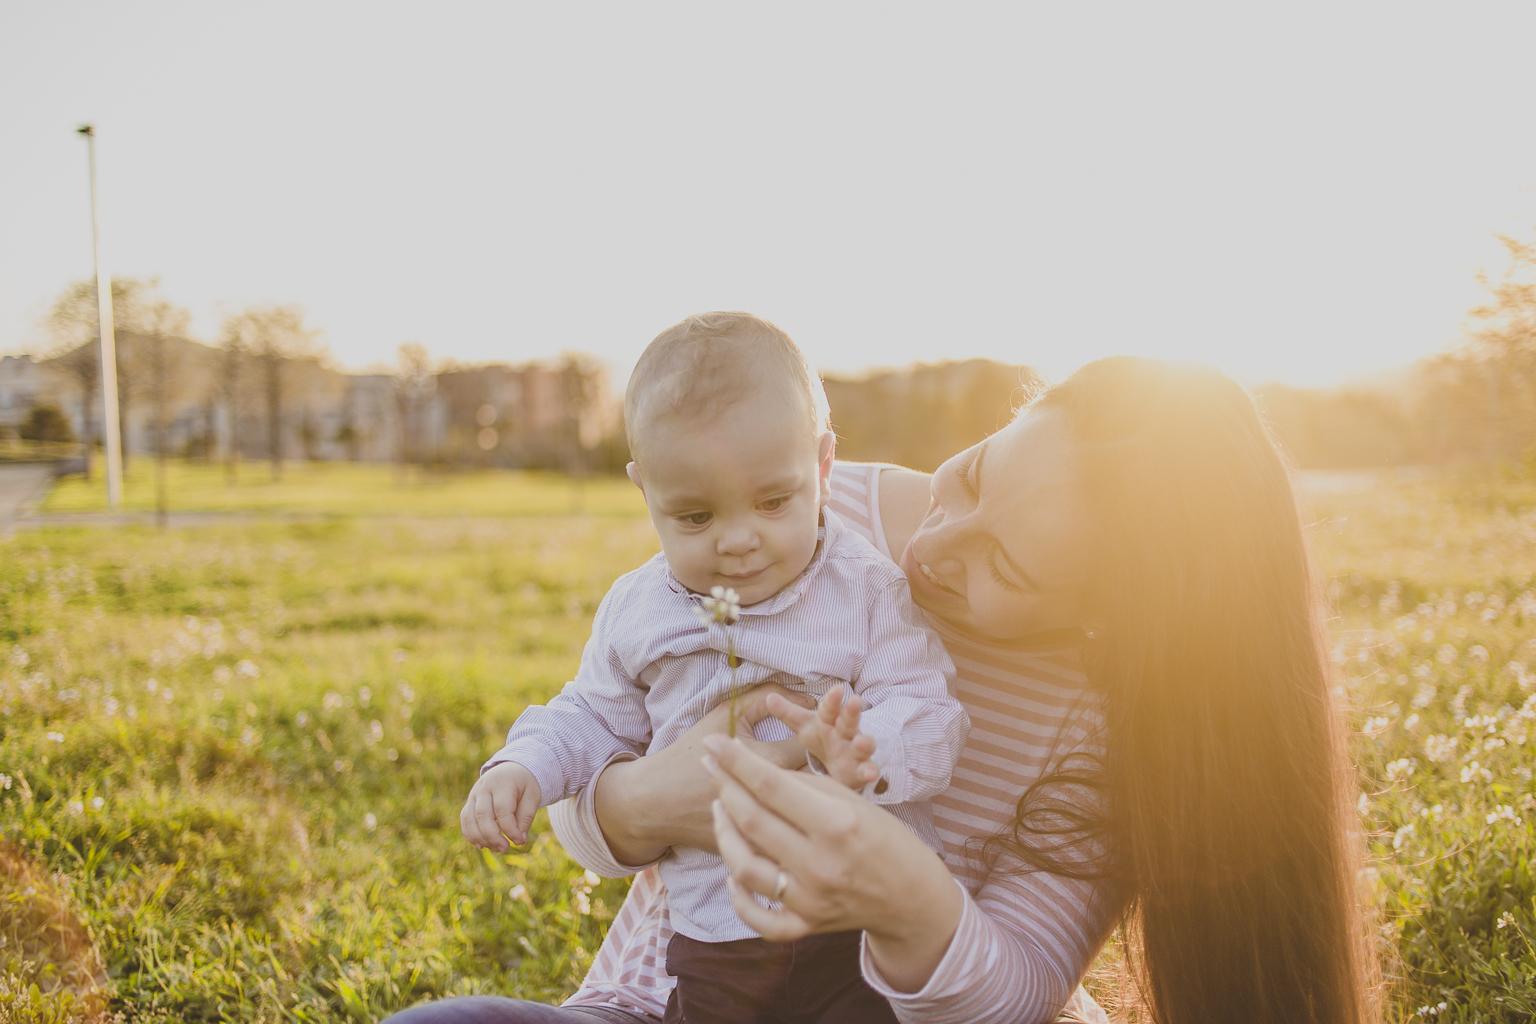 fotógrafo familiar Sant Cugat :: Fotógrafo de familiar :: Fotógrafo de bebé Sant Cugat